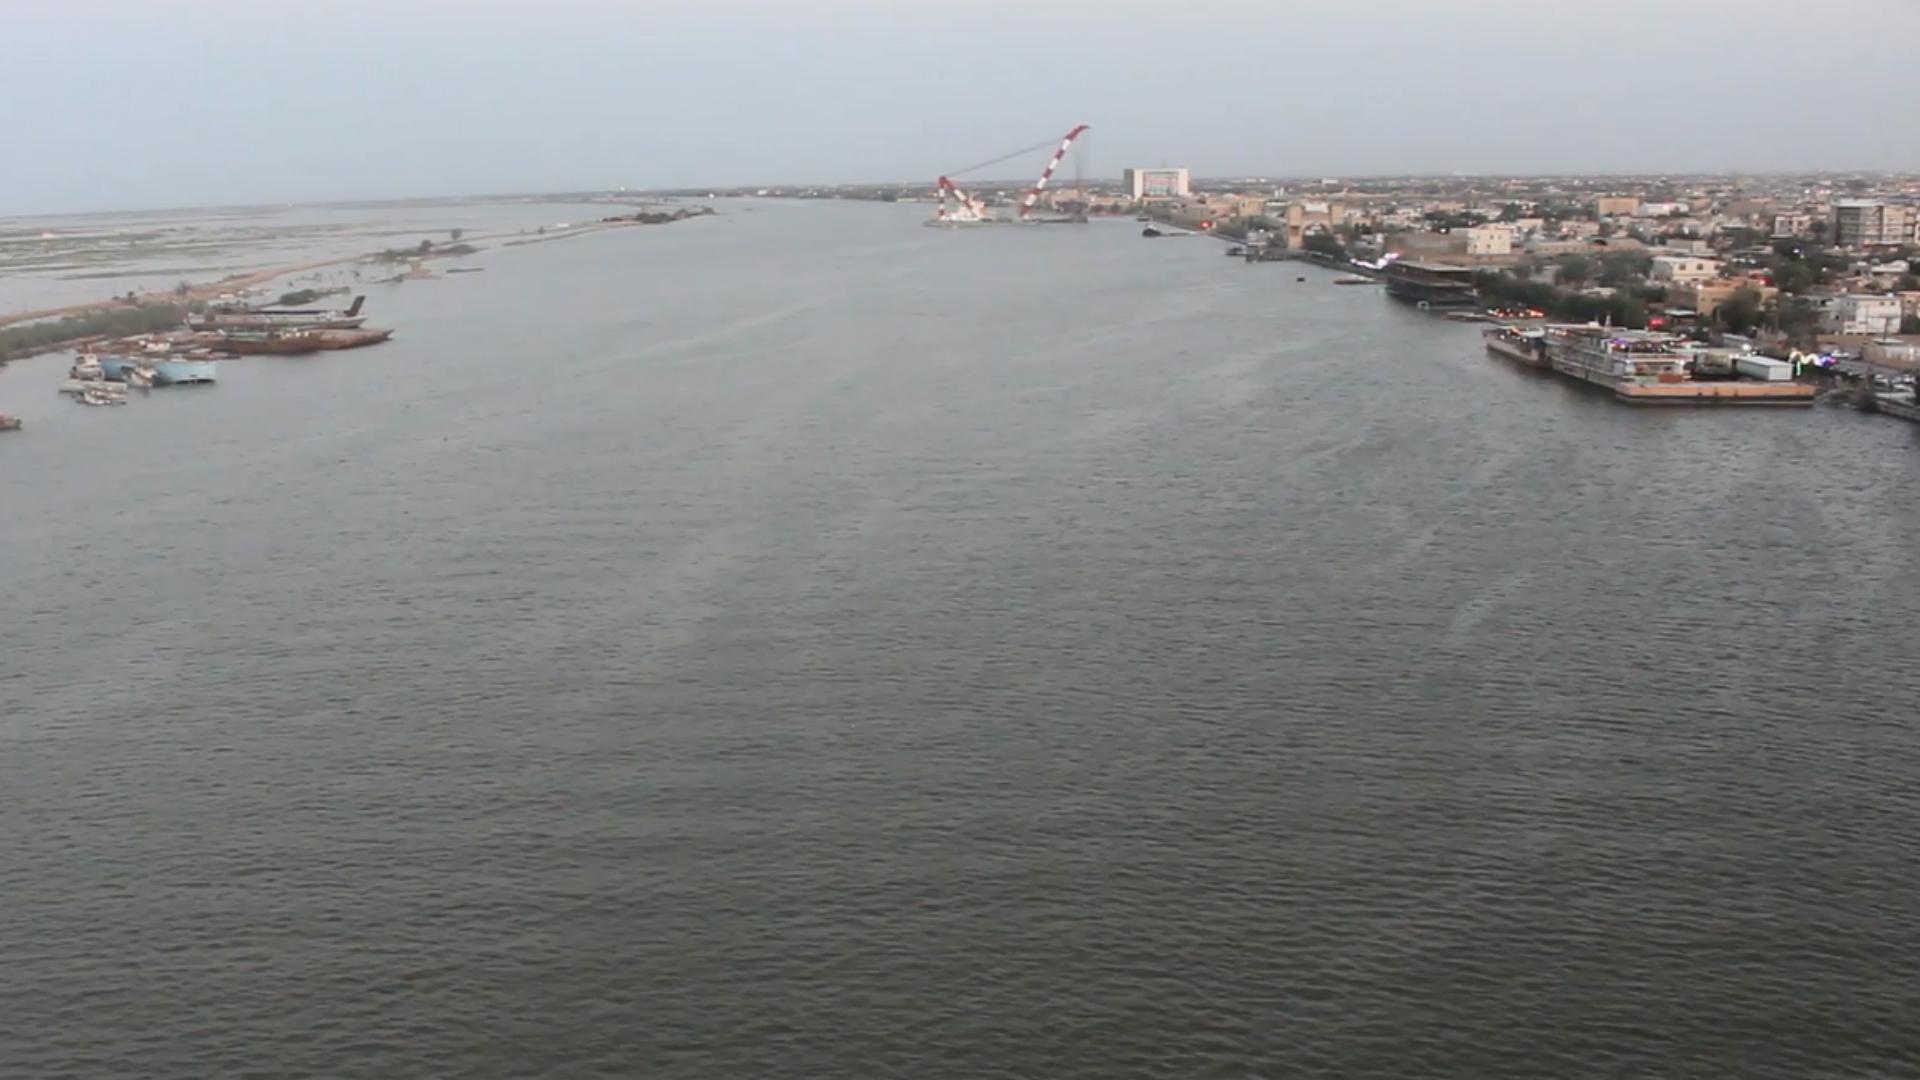 نائبة تطالب بتعويض متضرري التلوث البيئي في البصرة